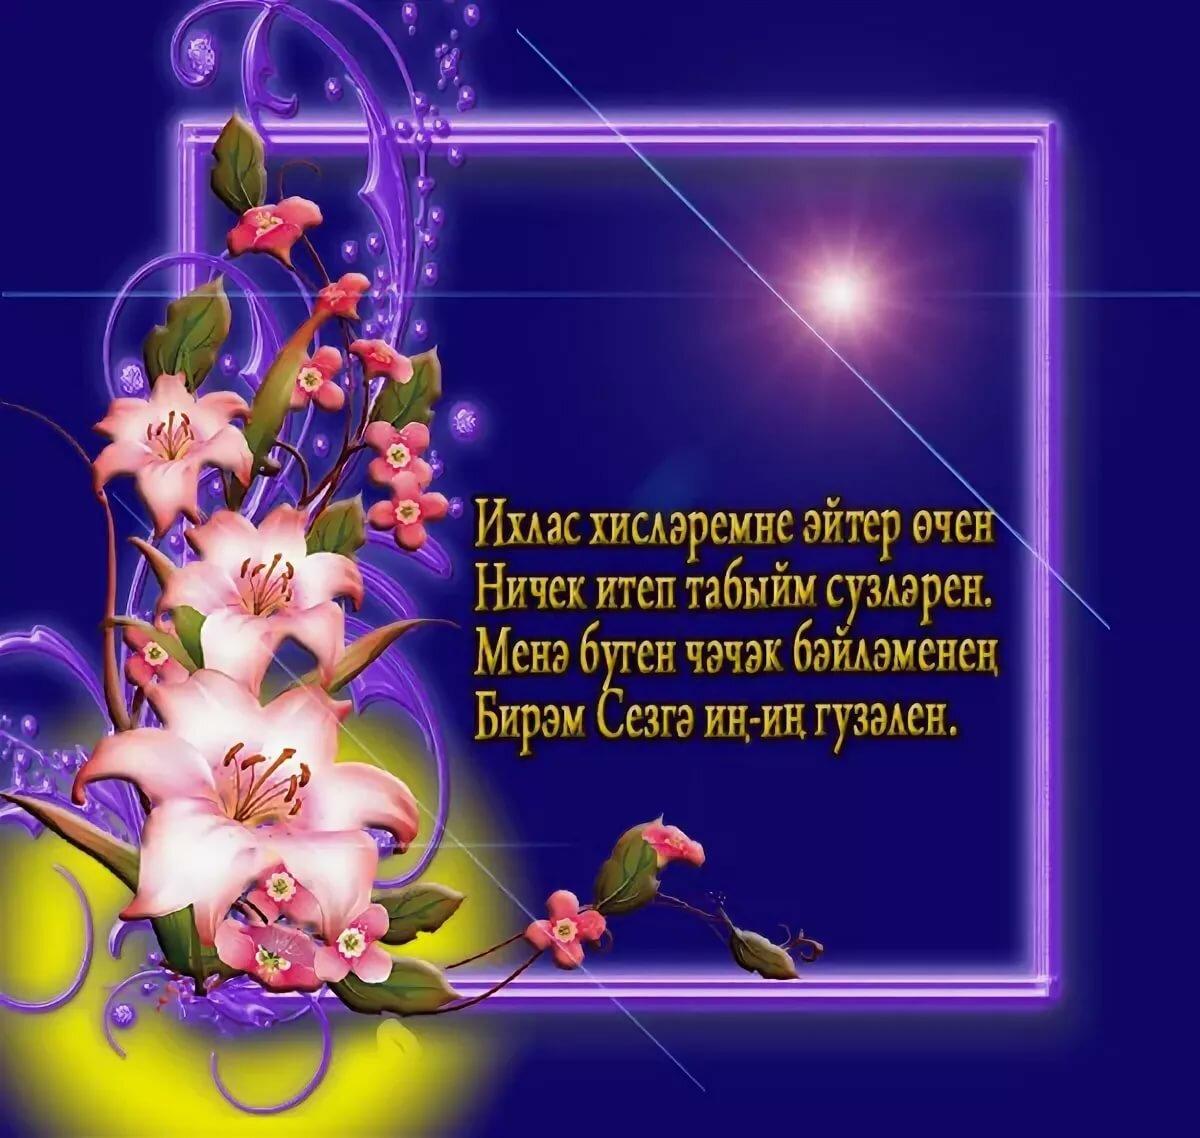 Татарские открытки на каждый день, картинки надписями